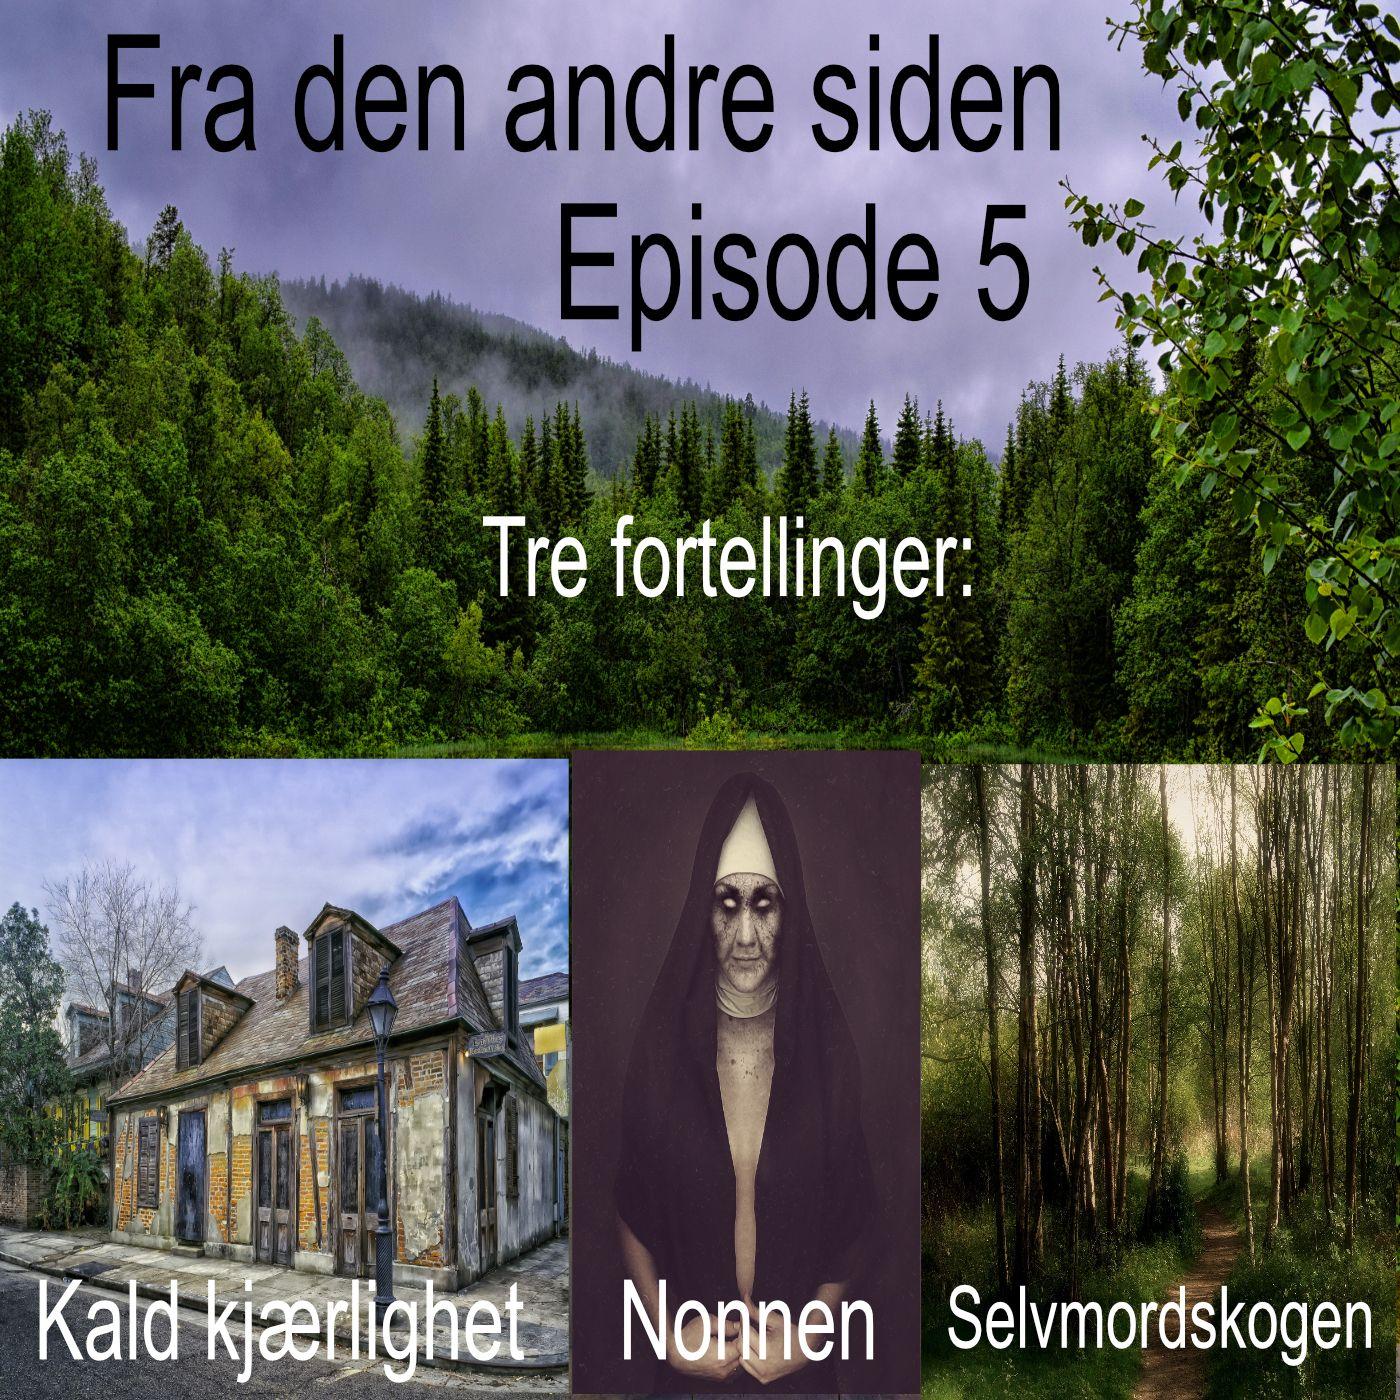 Fra den andre siden Episode 5. Kald kjærlighet, den sorte nonnen og selvmordskogen.